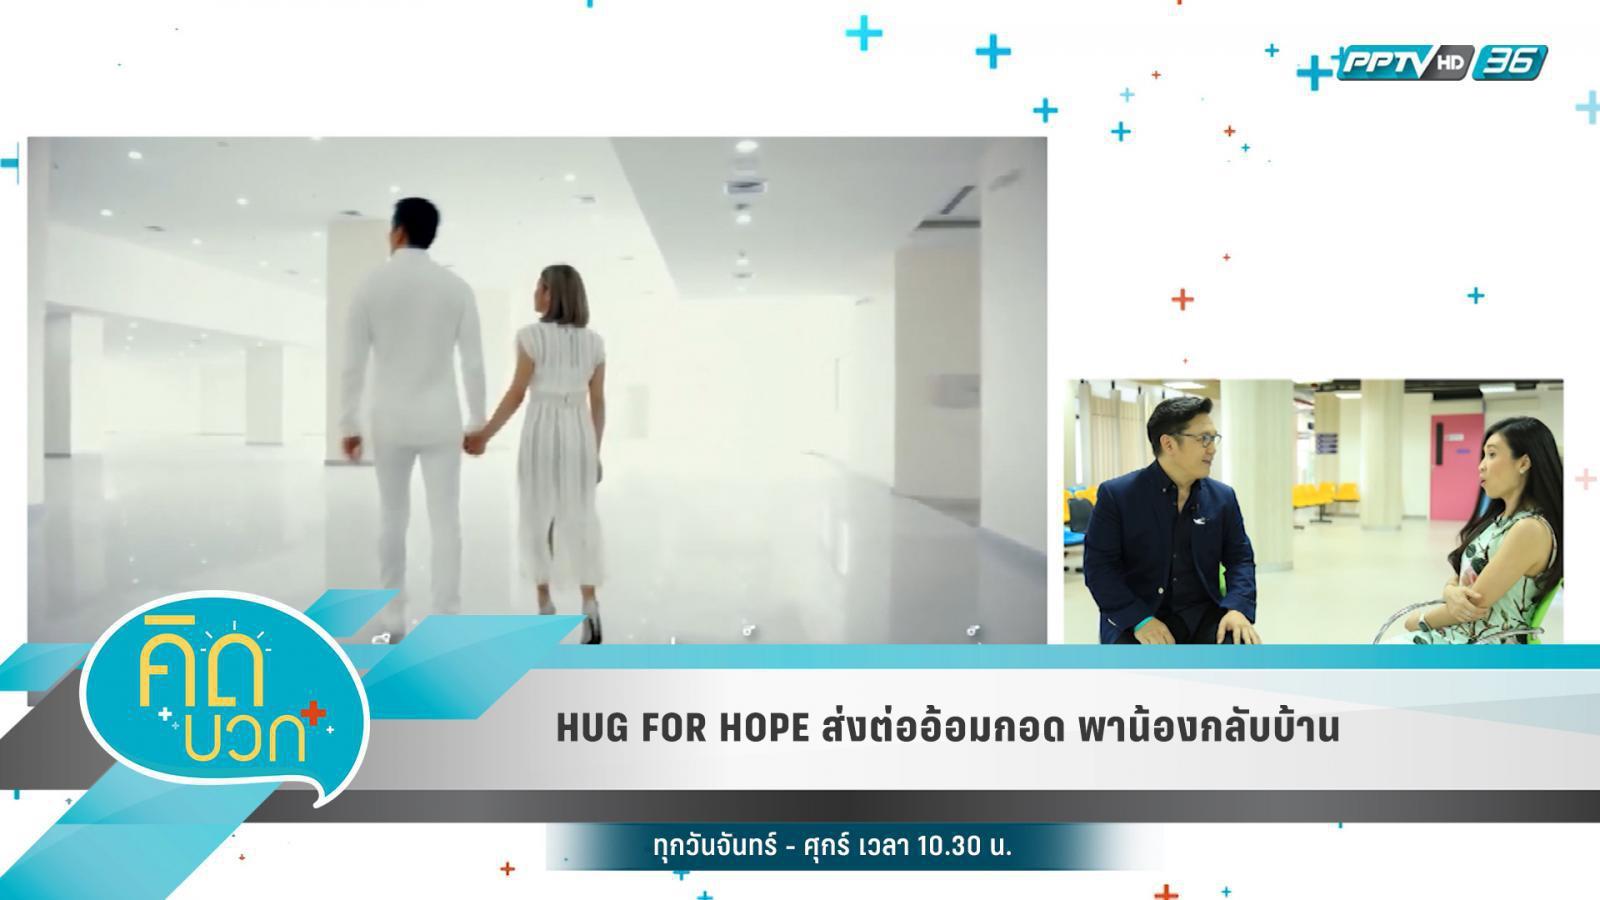 HUG FOR HOPE ส่งต่ออ้อมกอด พาน้องกลับบ้าน